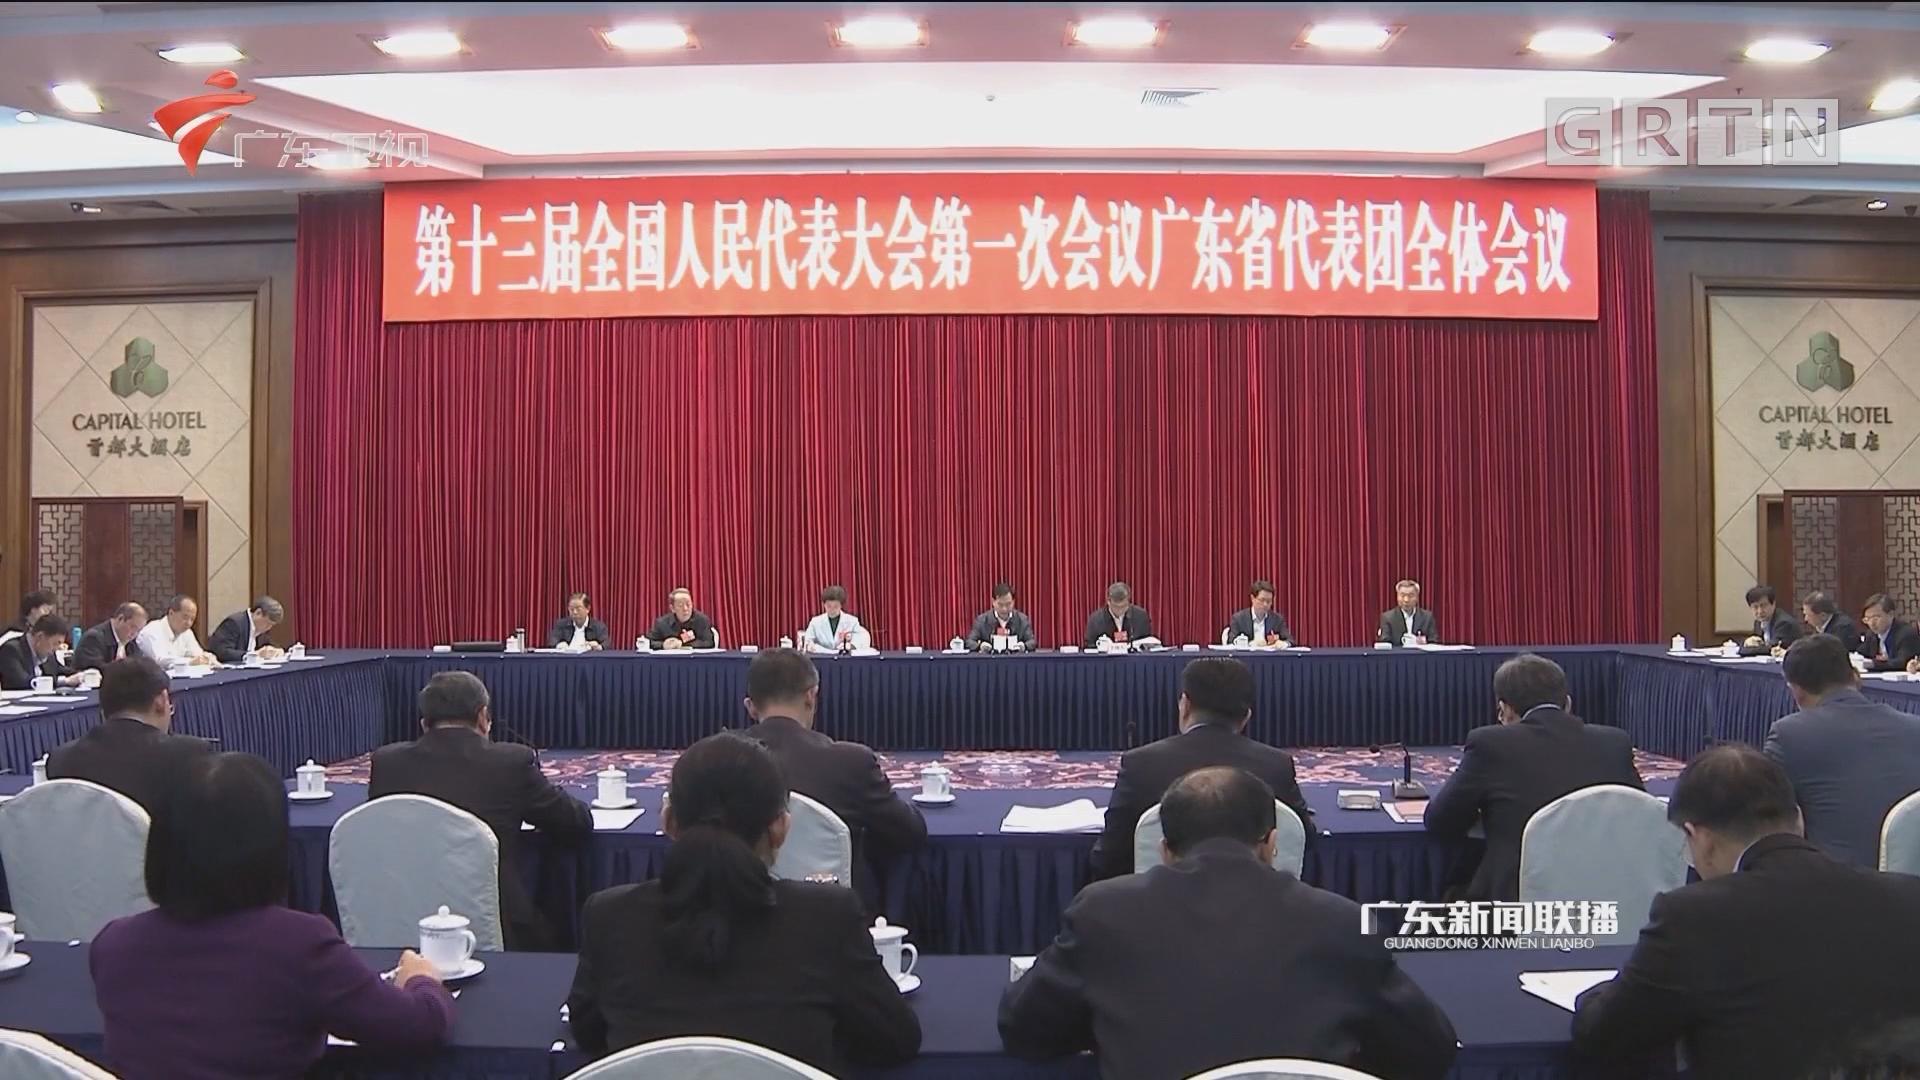 广东代表团审议国务院机构改革方案草案 李希马兴瑞等代表发言